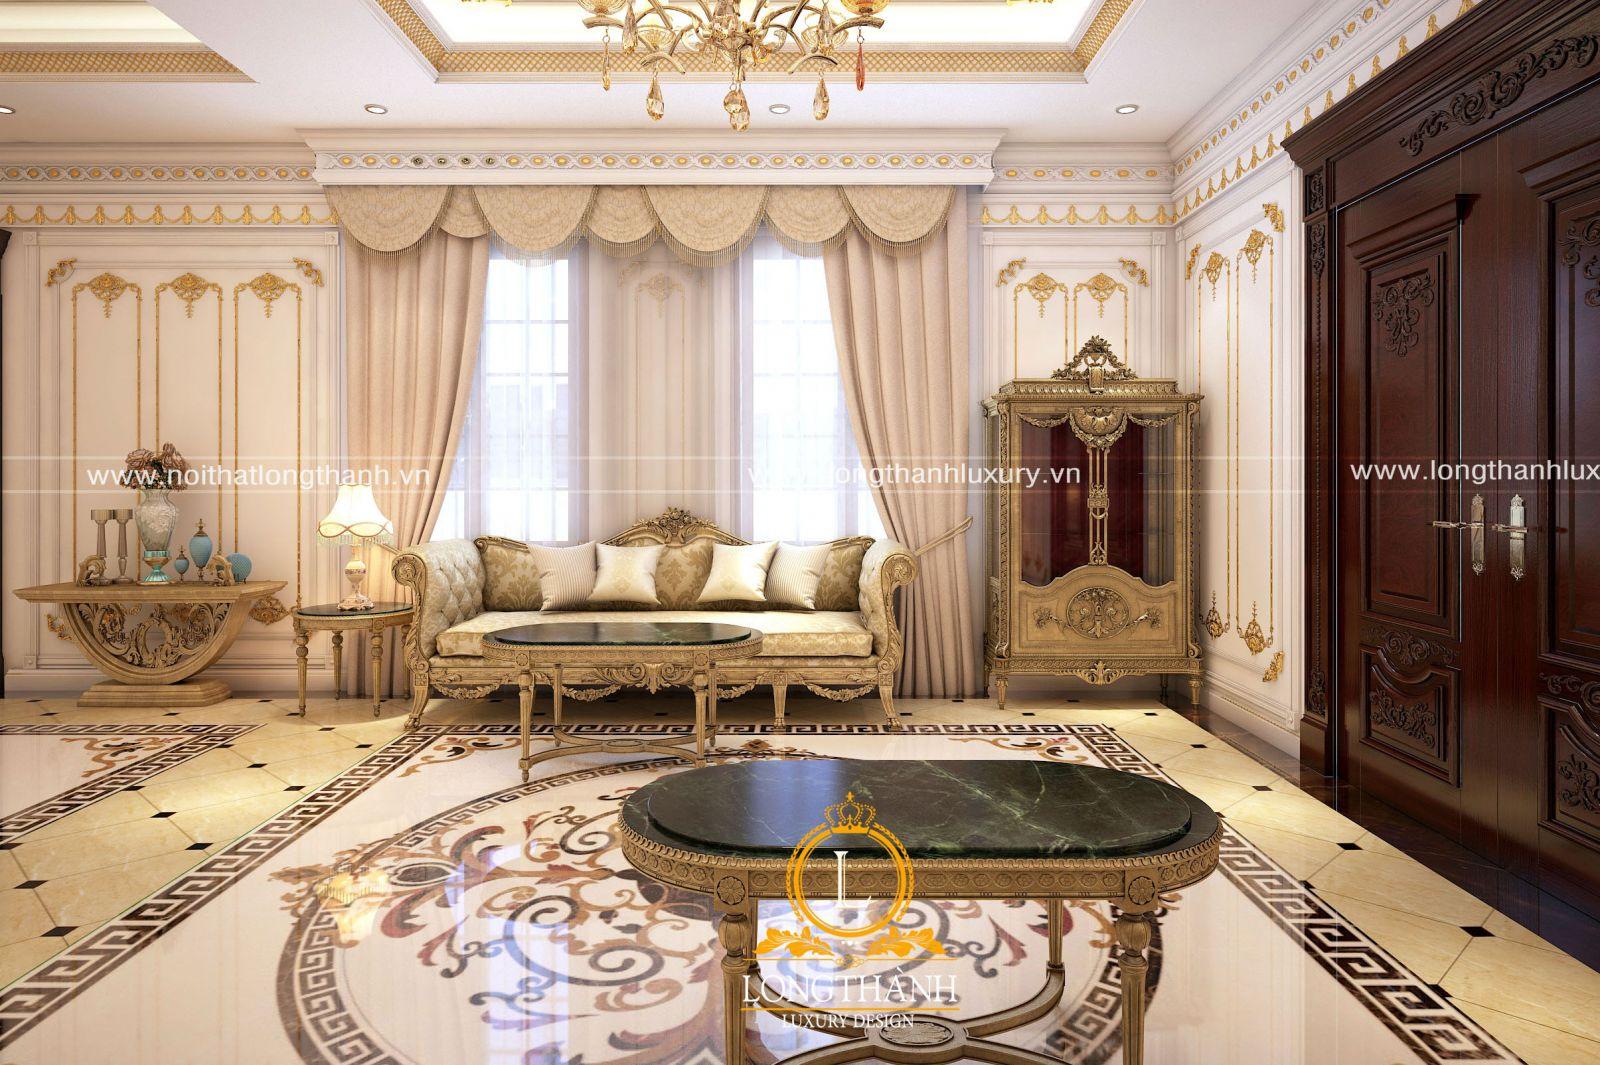 Bộ đèn chùm và sofa là điểm nhấn chính cho không gian phòng khách tân cổ điển